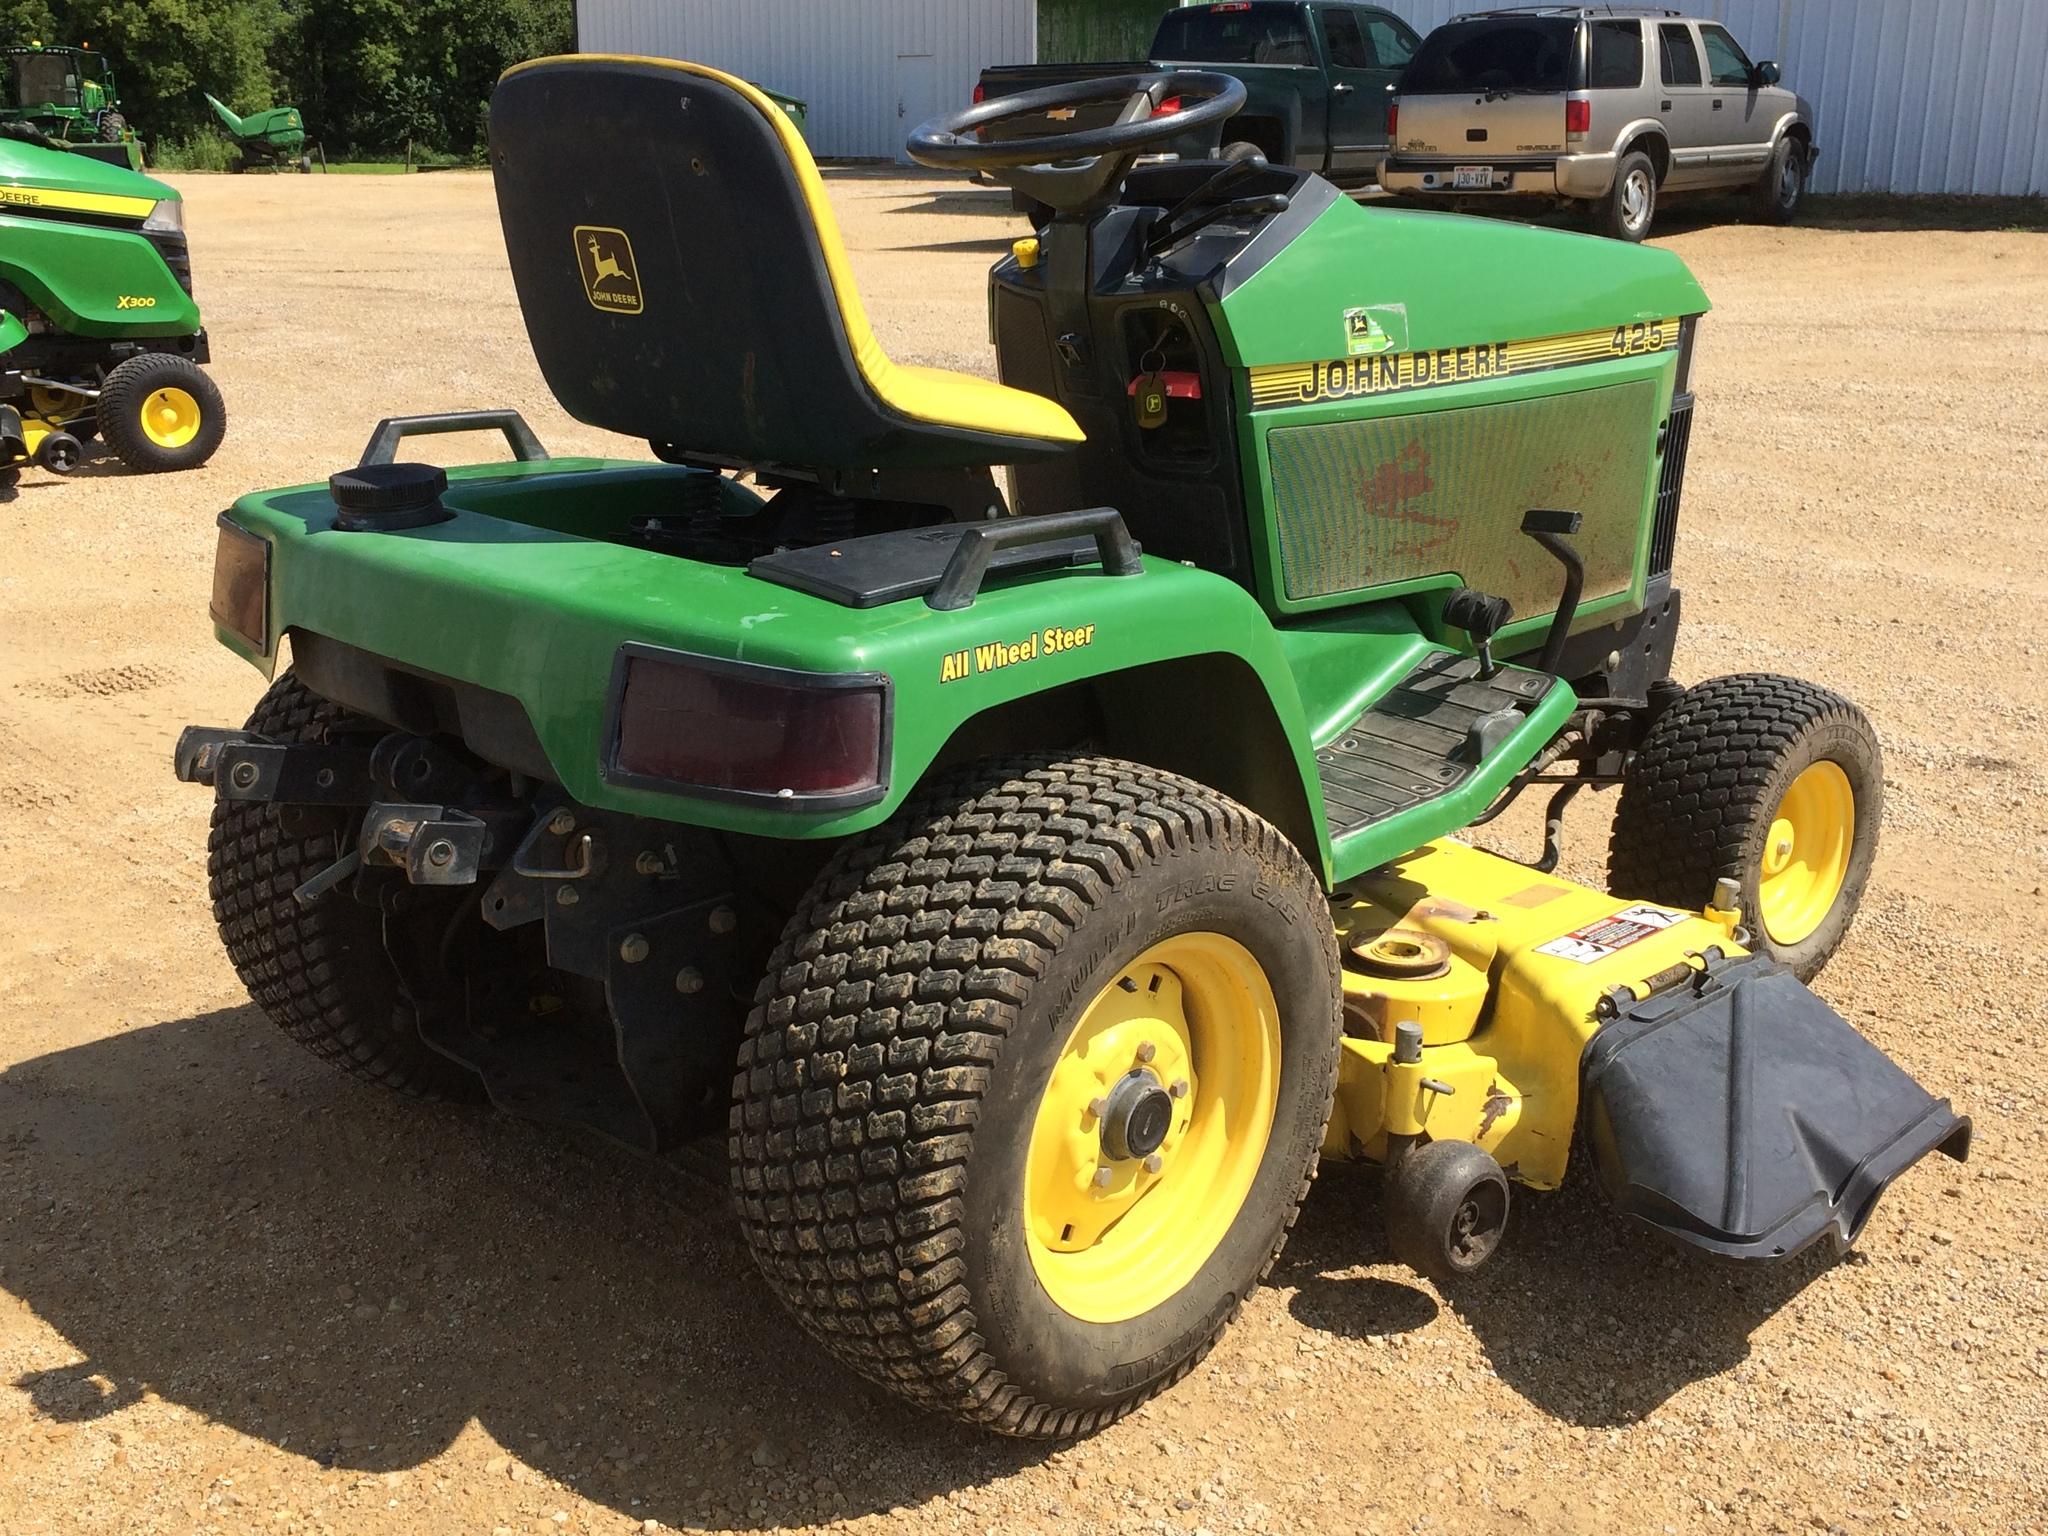 John Deere 425 Lawn Garden Tractors For Sale 59928